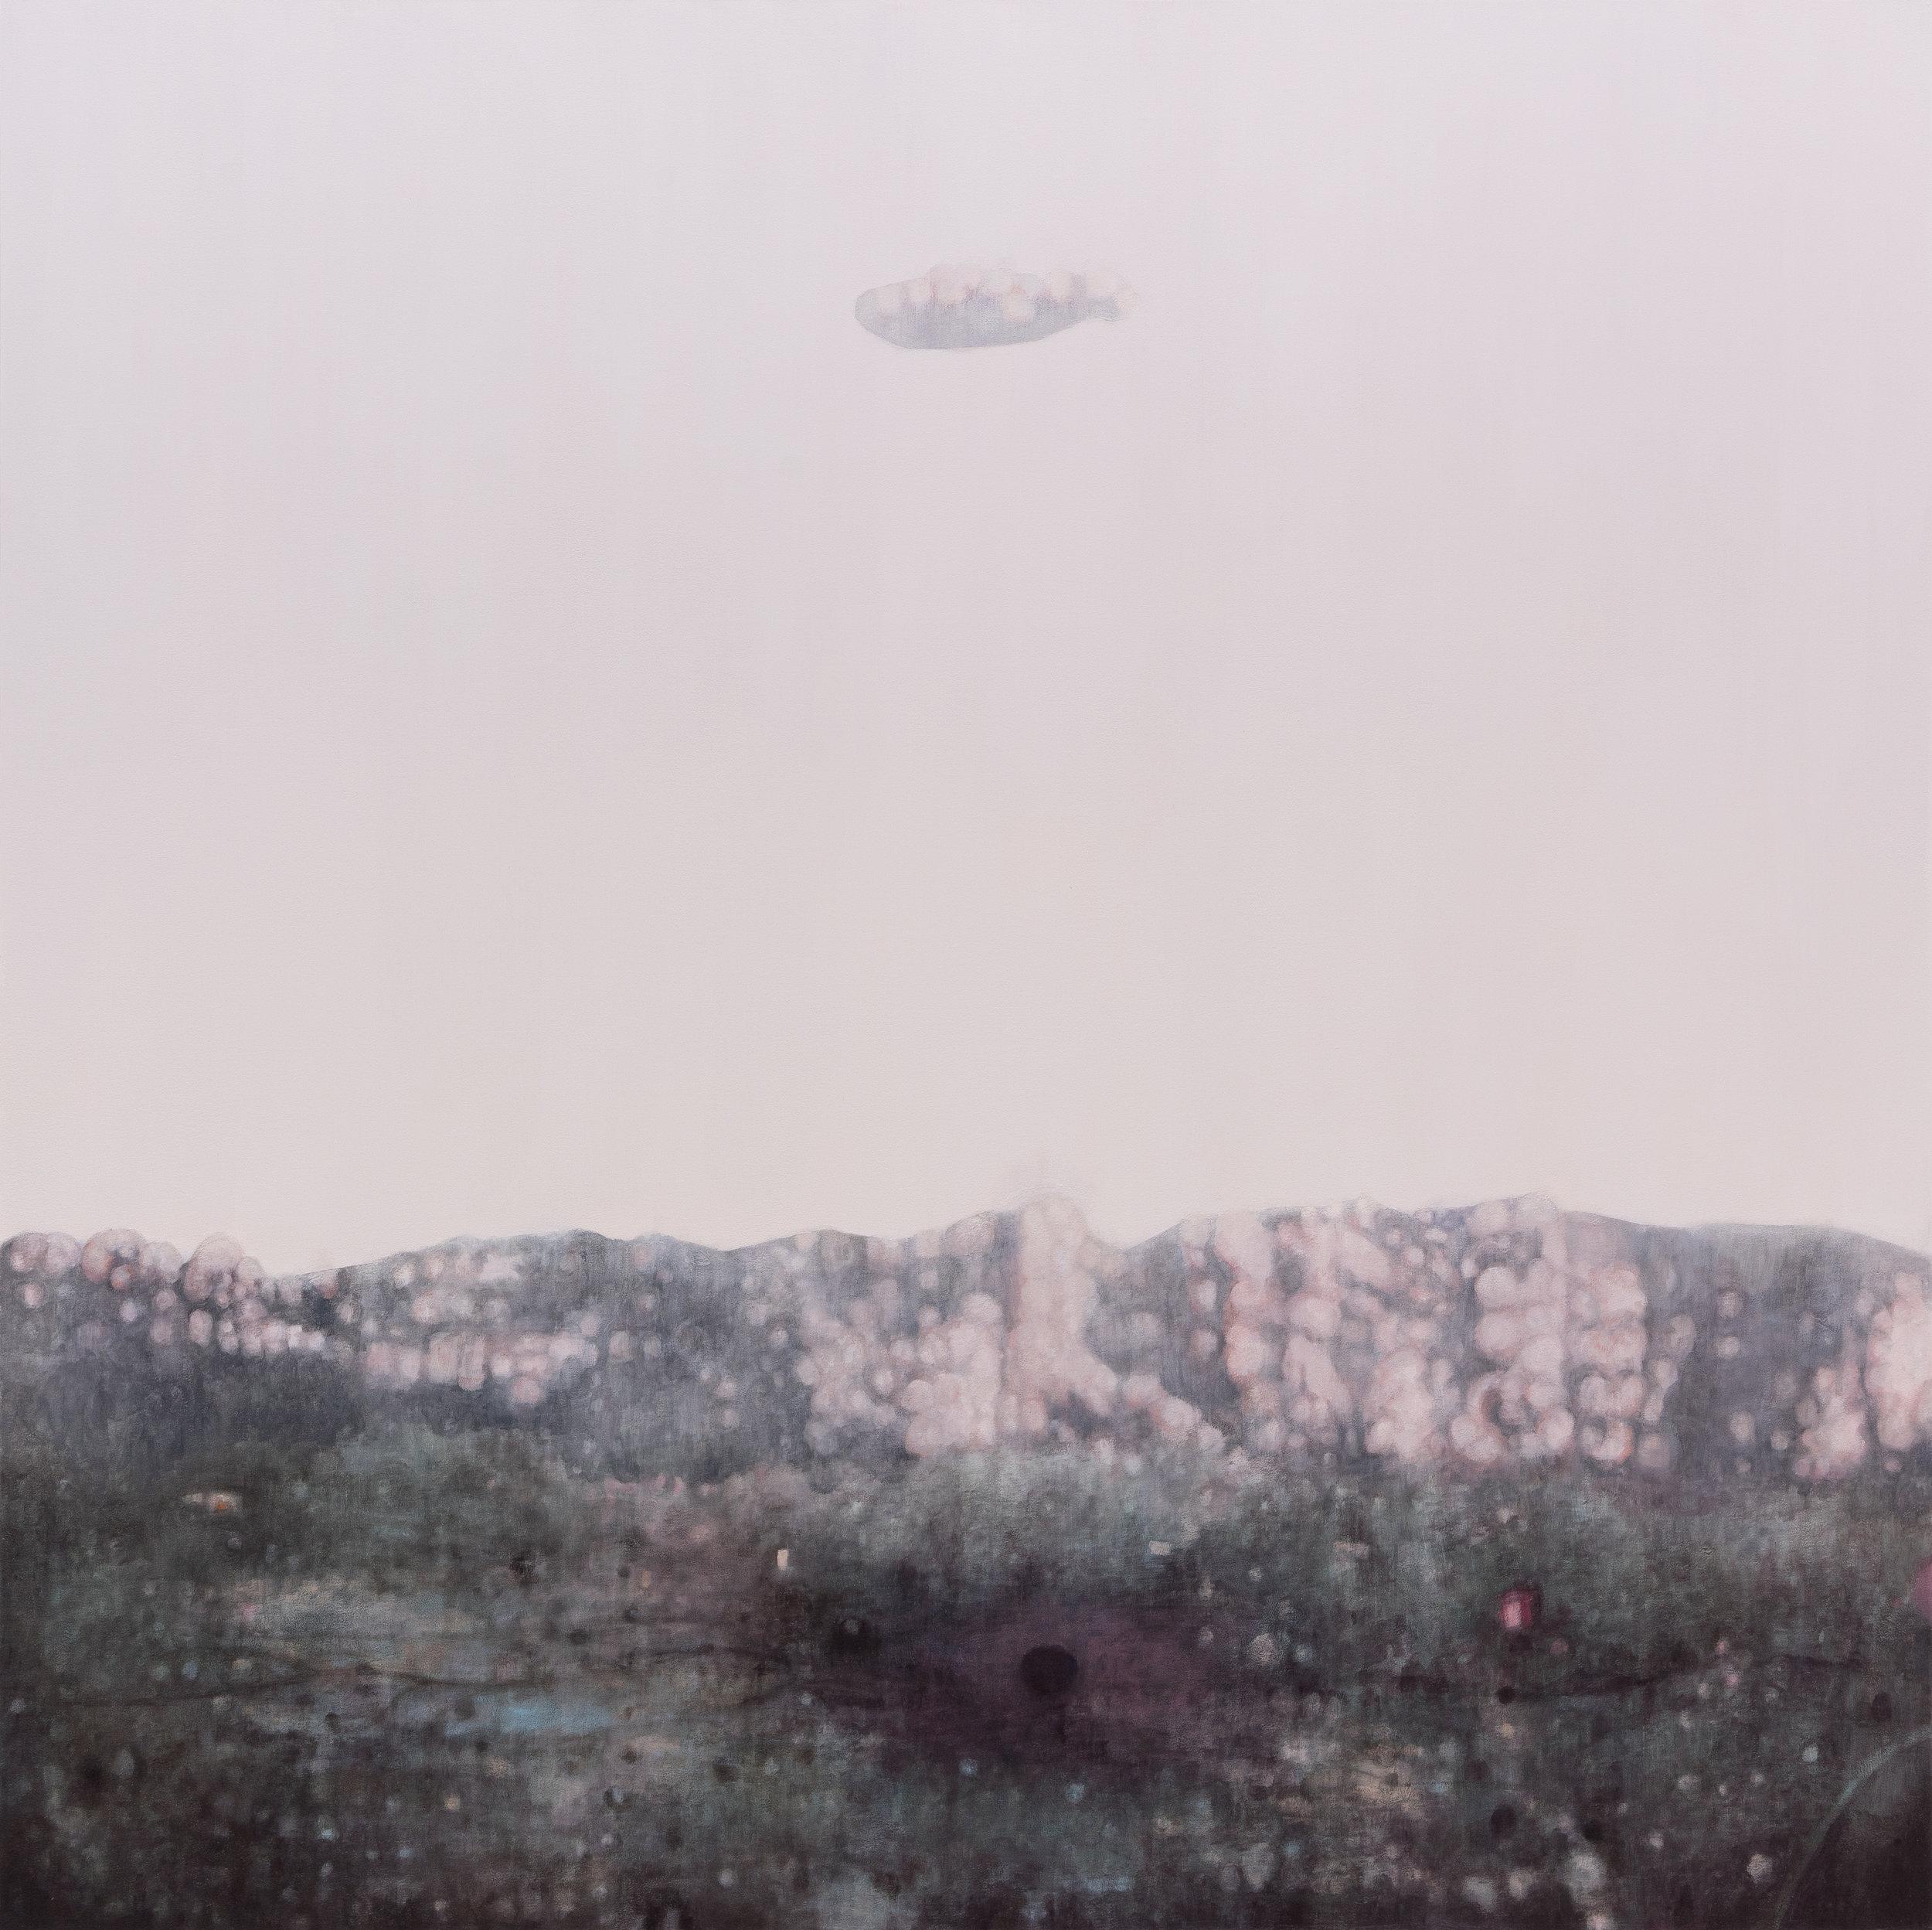 """Joe Lima, Oneiric Field , 2019, peinture à l'huile et cire sur toile, 183 x 183 cm (72"""" x 72"""")"""